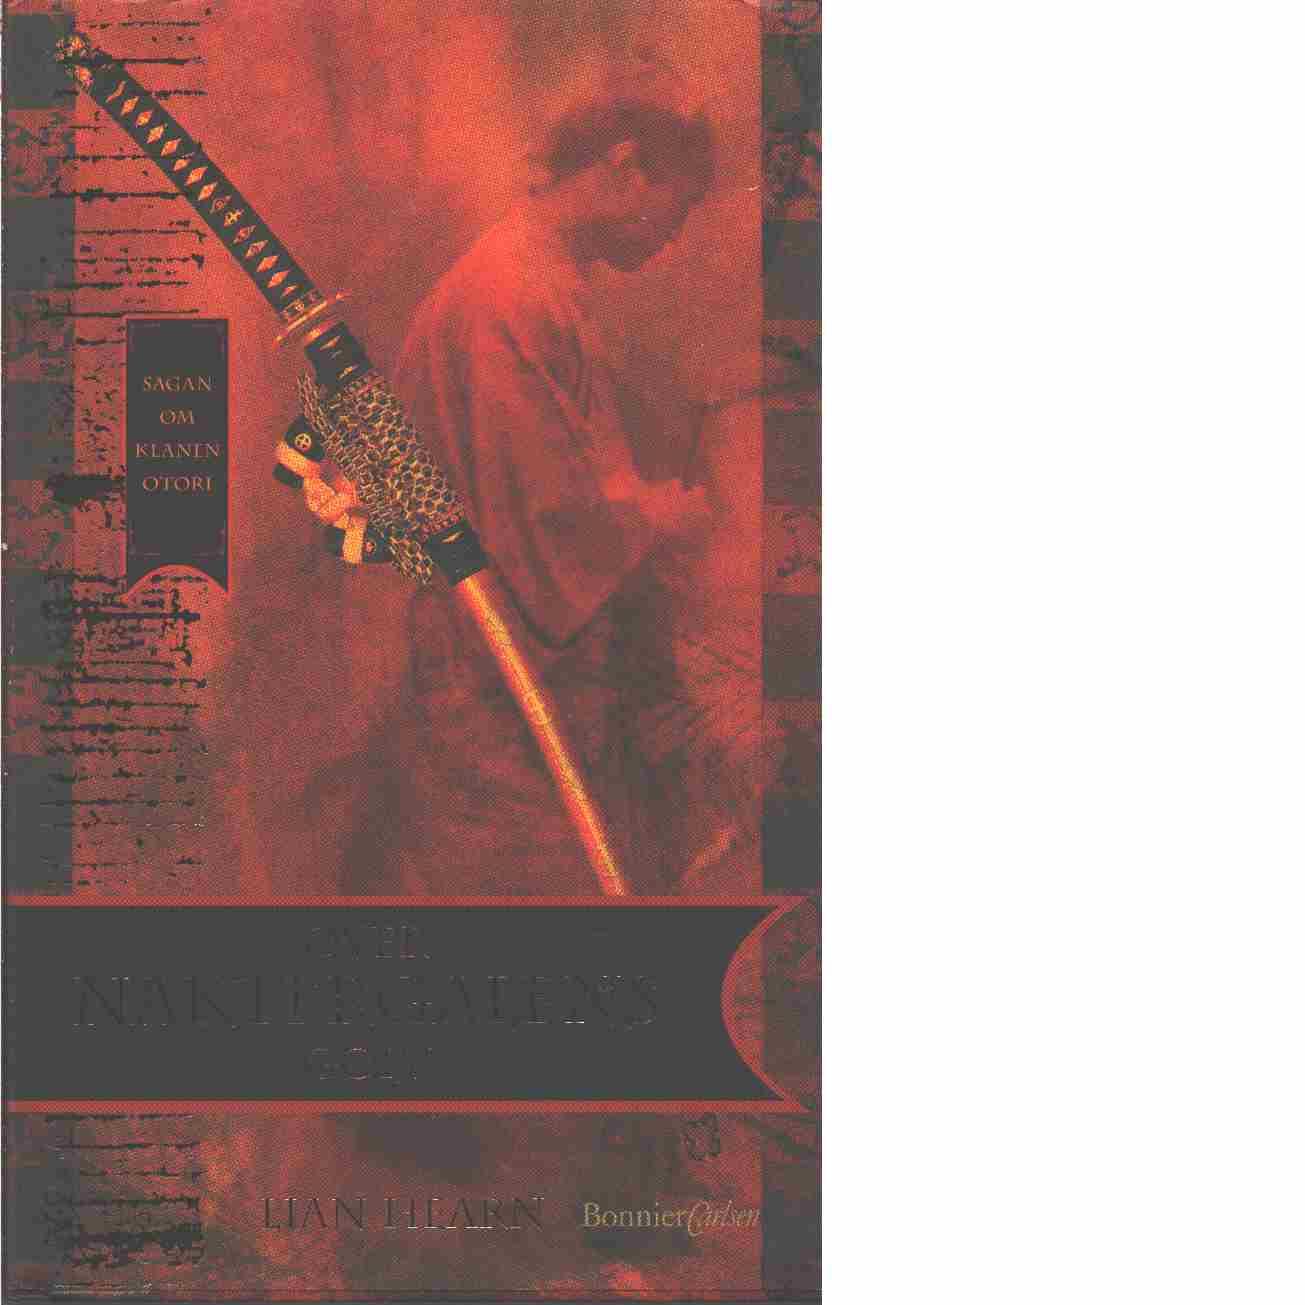 Över näktergalens golv - Hearn, Lian pseudonym för Gillian Rubinstein